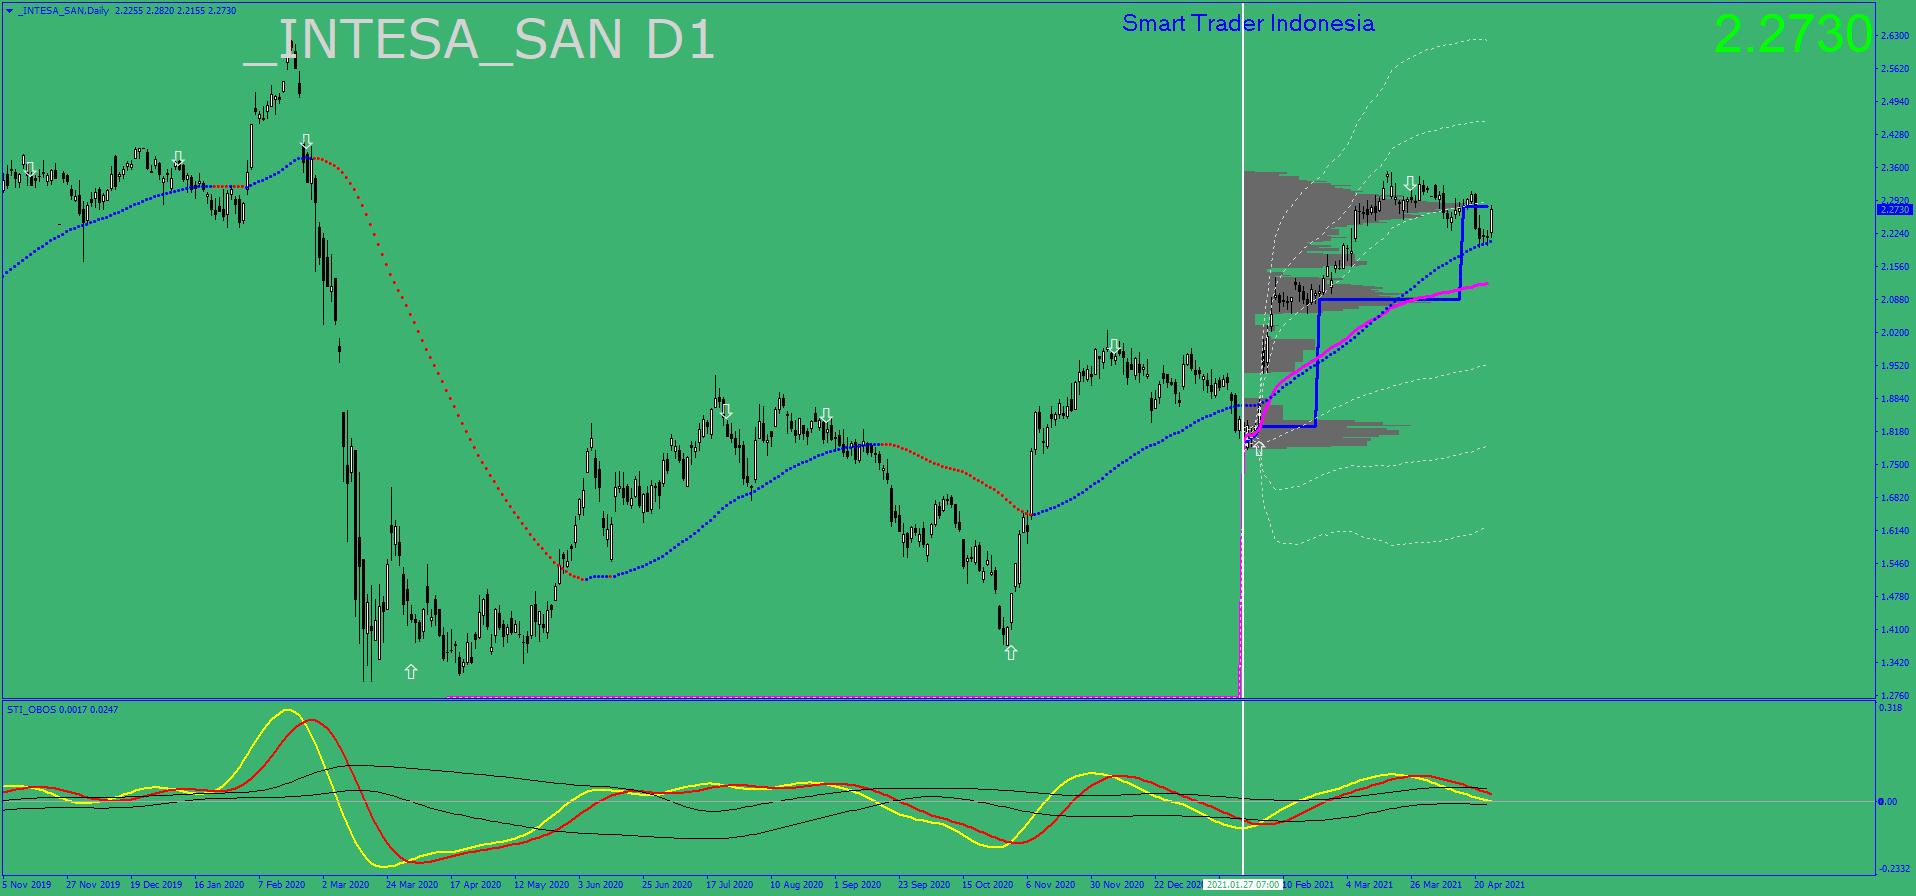 intesa-san-d1-ava-trade-ltd.png